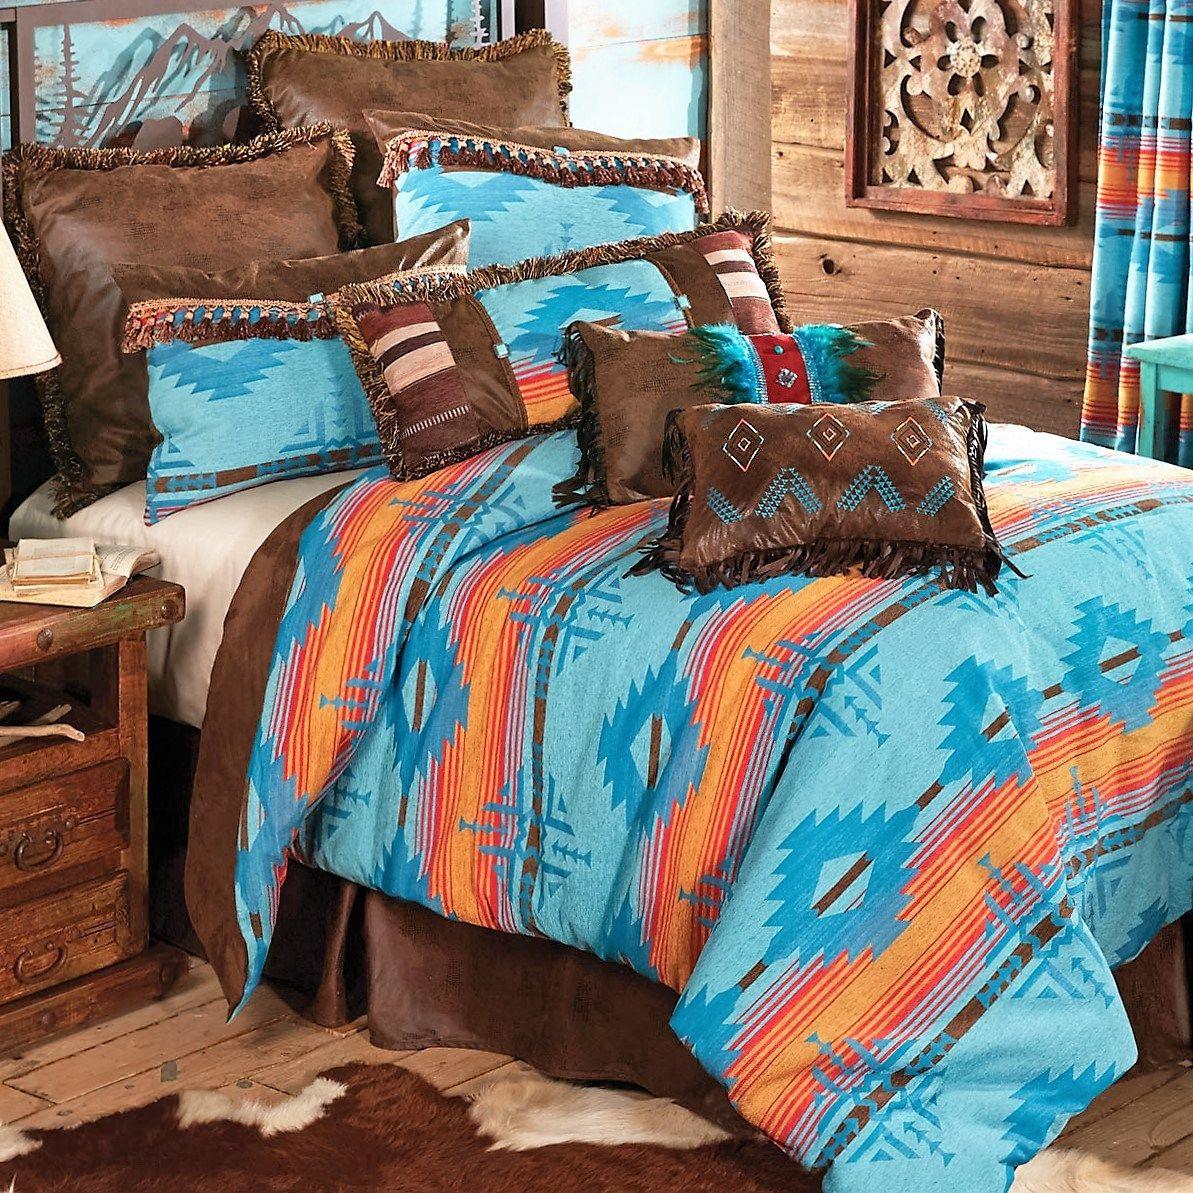 Southern Bedding Southern Sky Blue Diamond Bedding